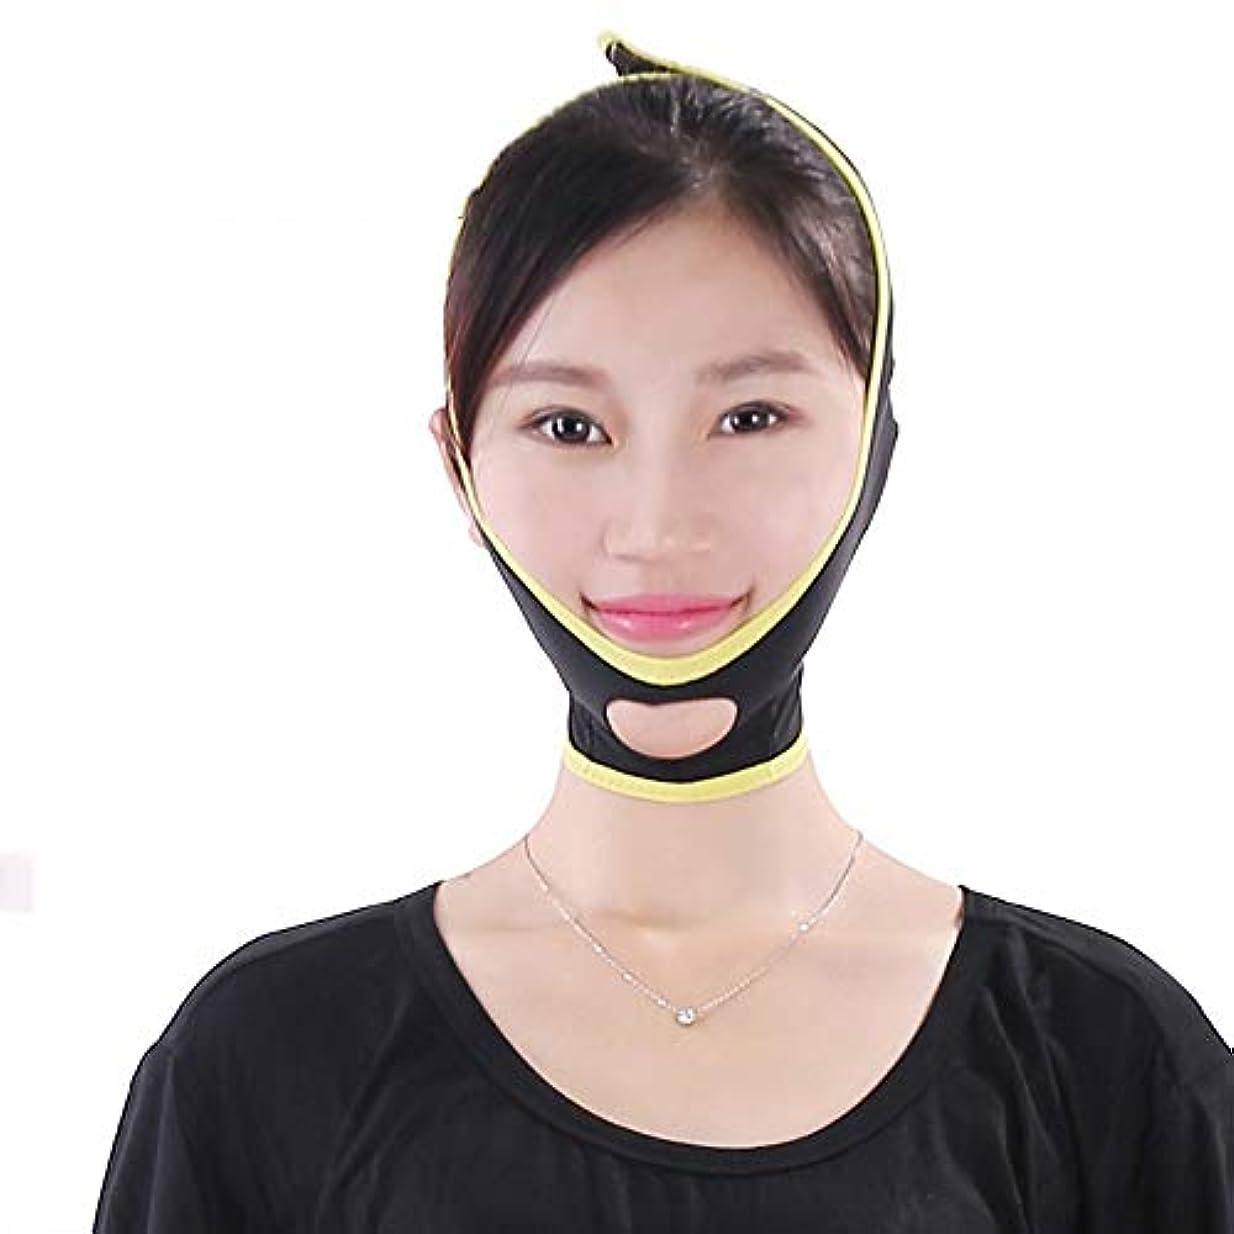 持続的壊滅的な行為男性と女性の顔のマスク、Vの顔の包帯ダブルの顎の圧力レデューサーリフティングパッキング